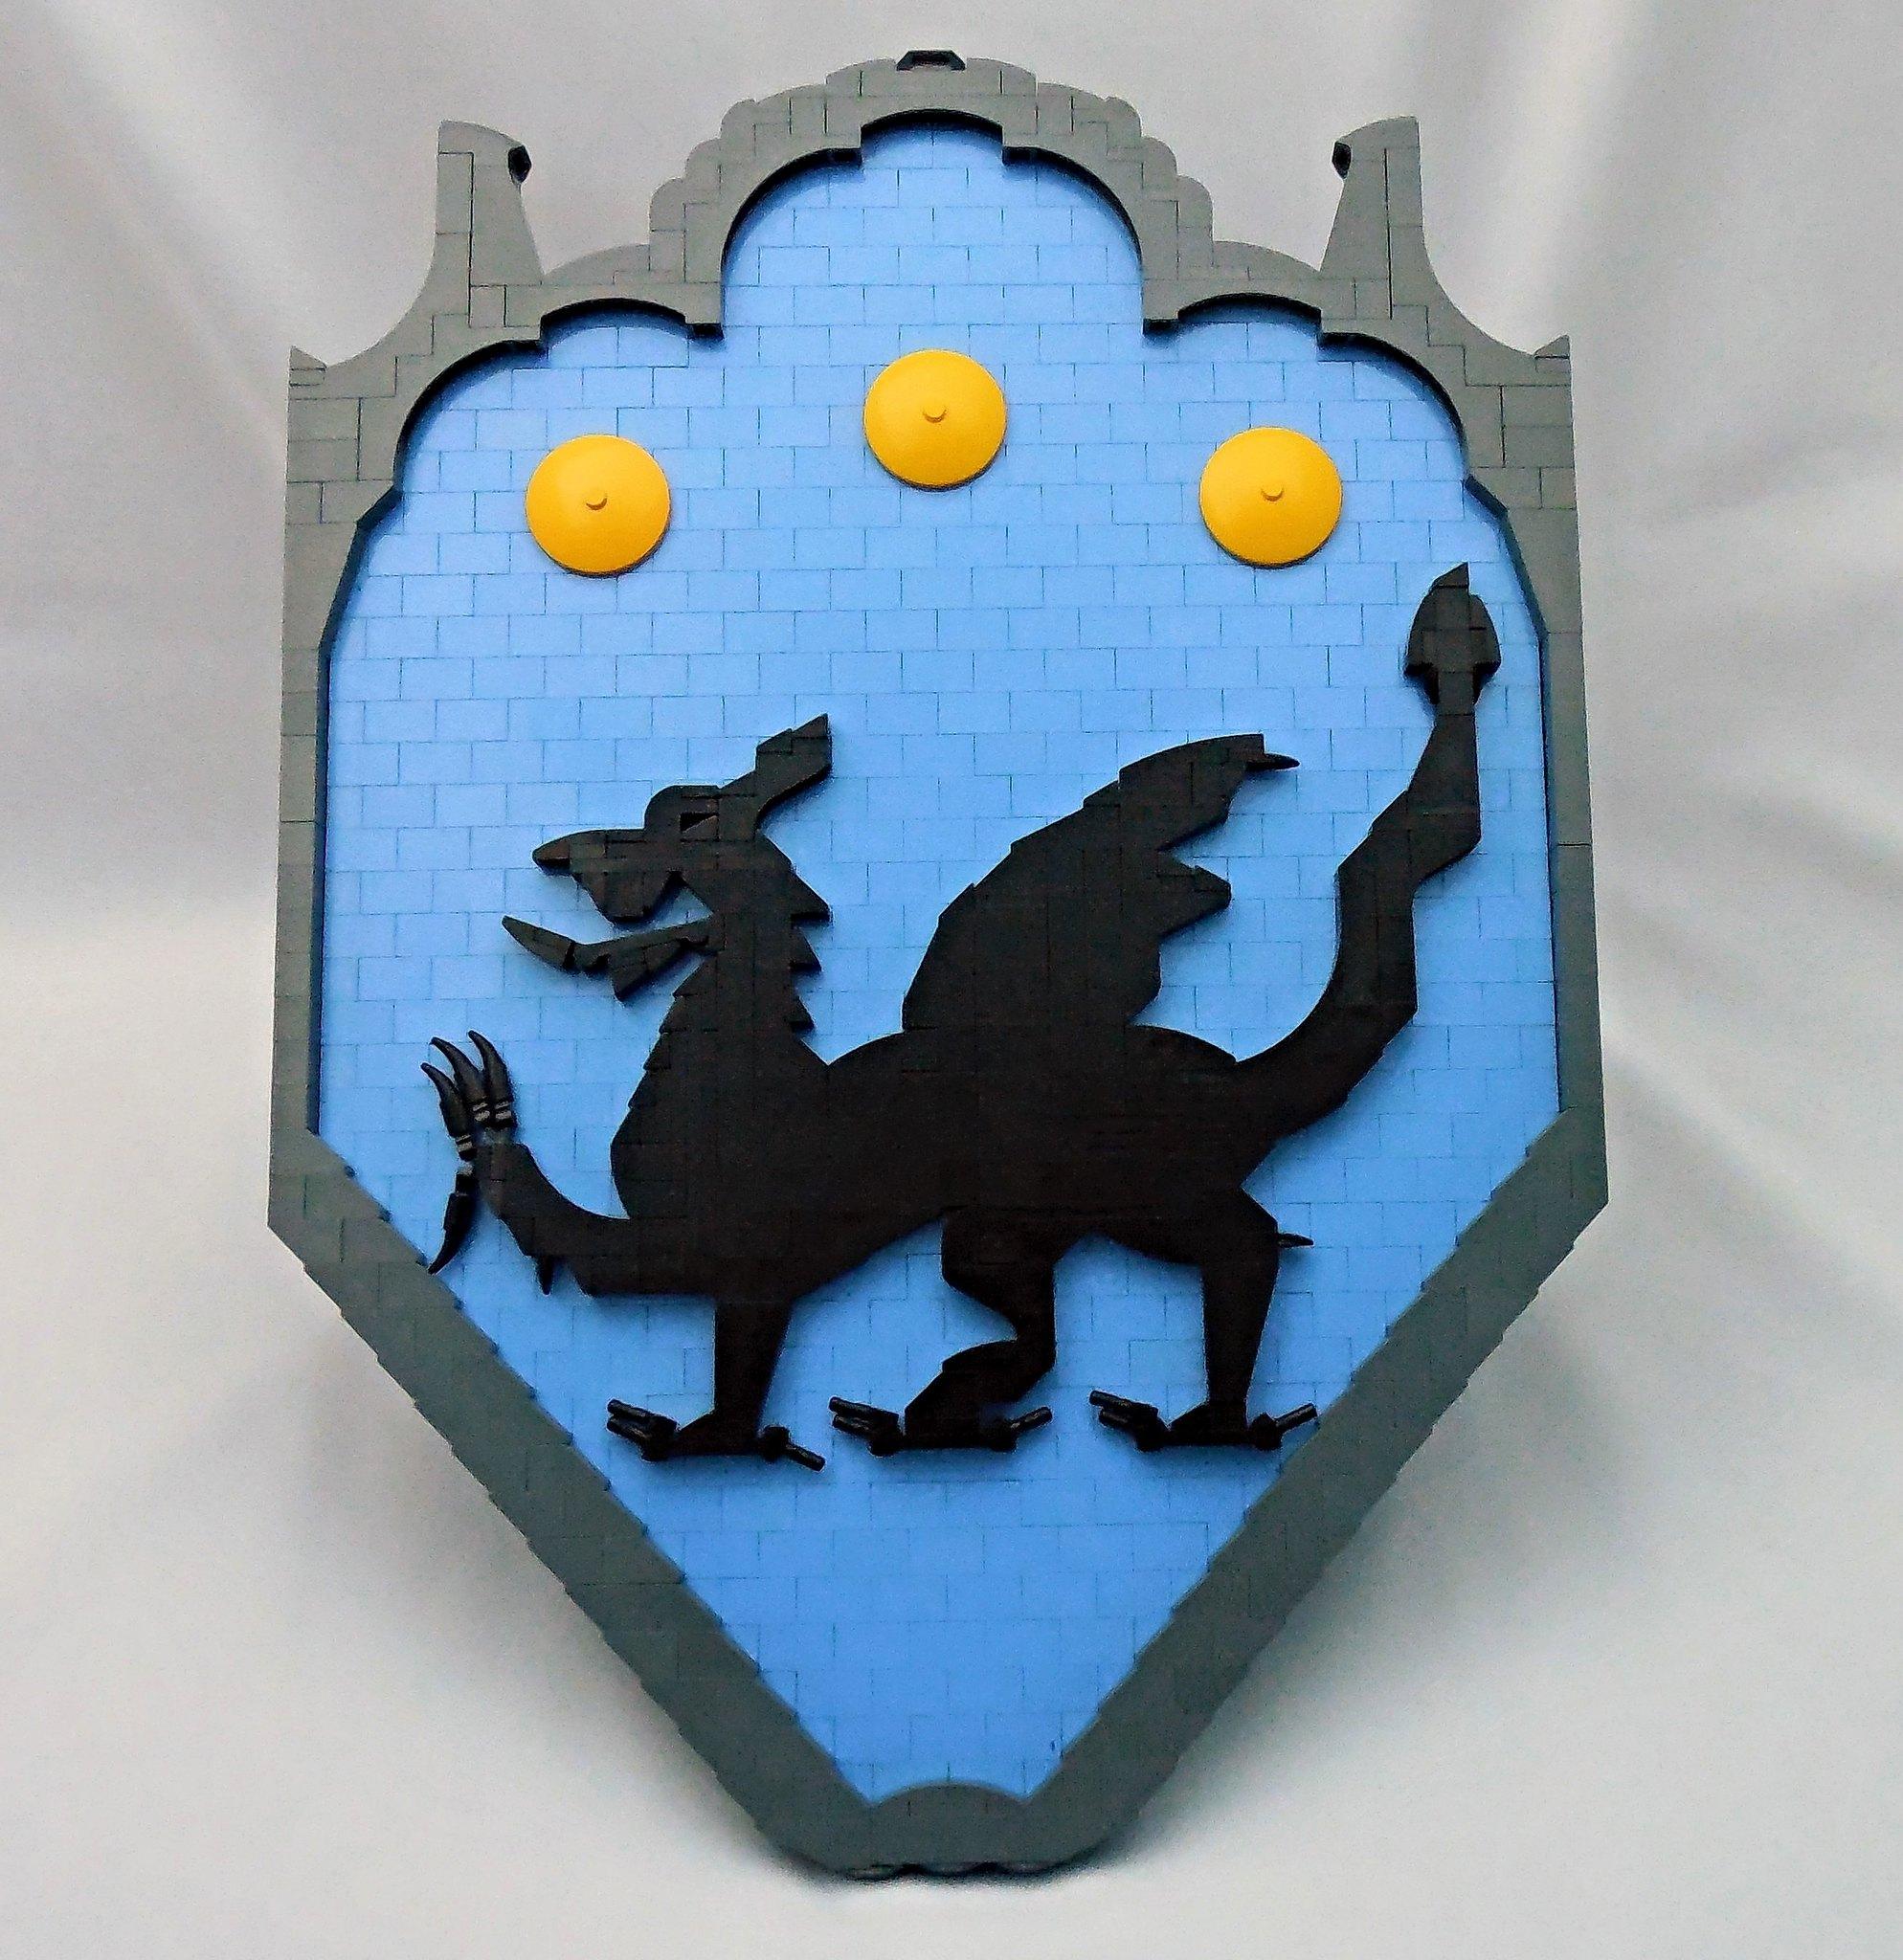 LEGO® MOC by Vitreolum: Dragon Crest